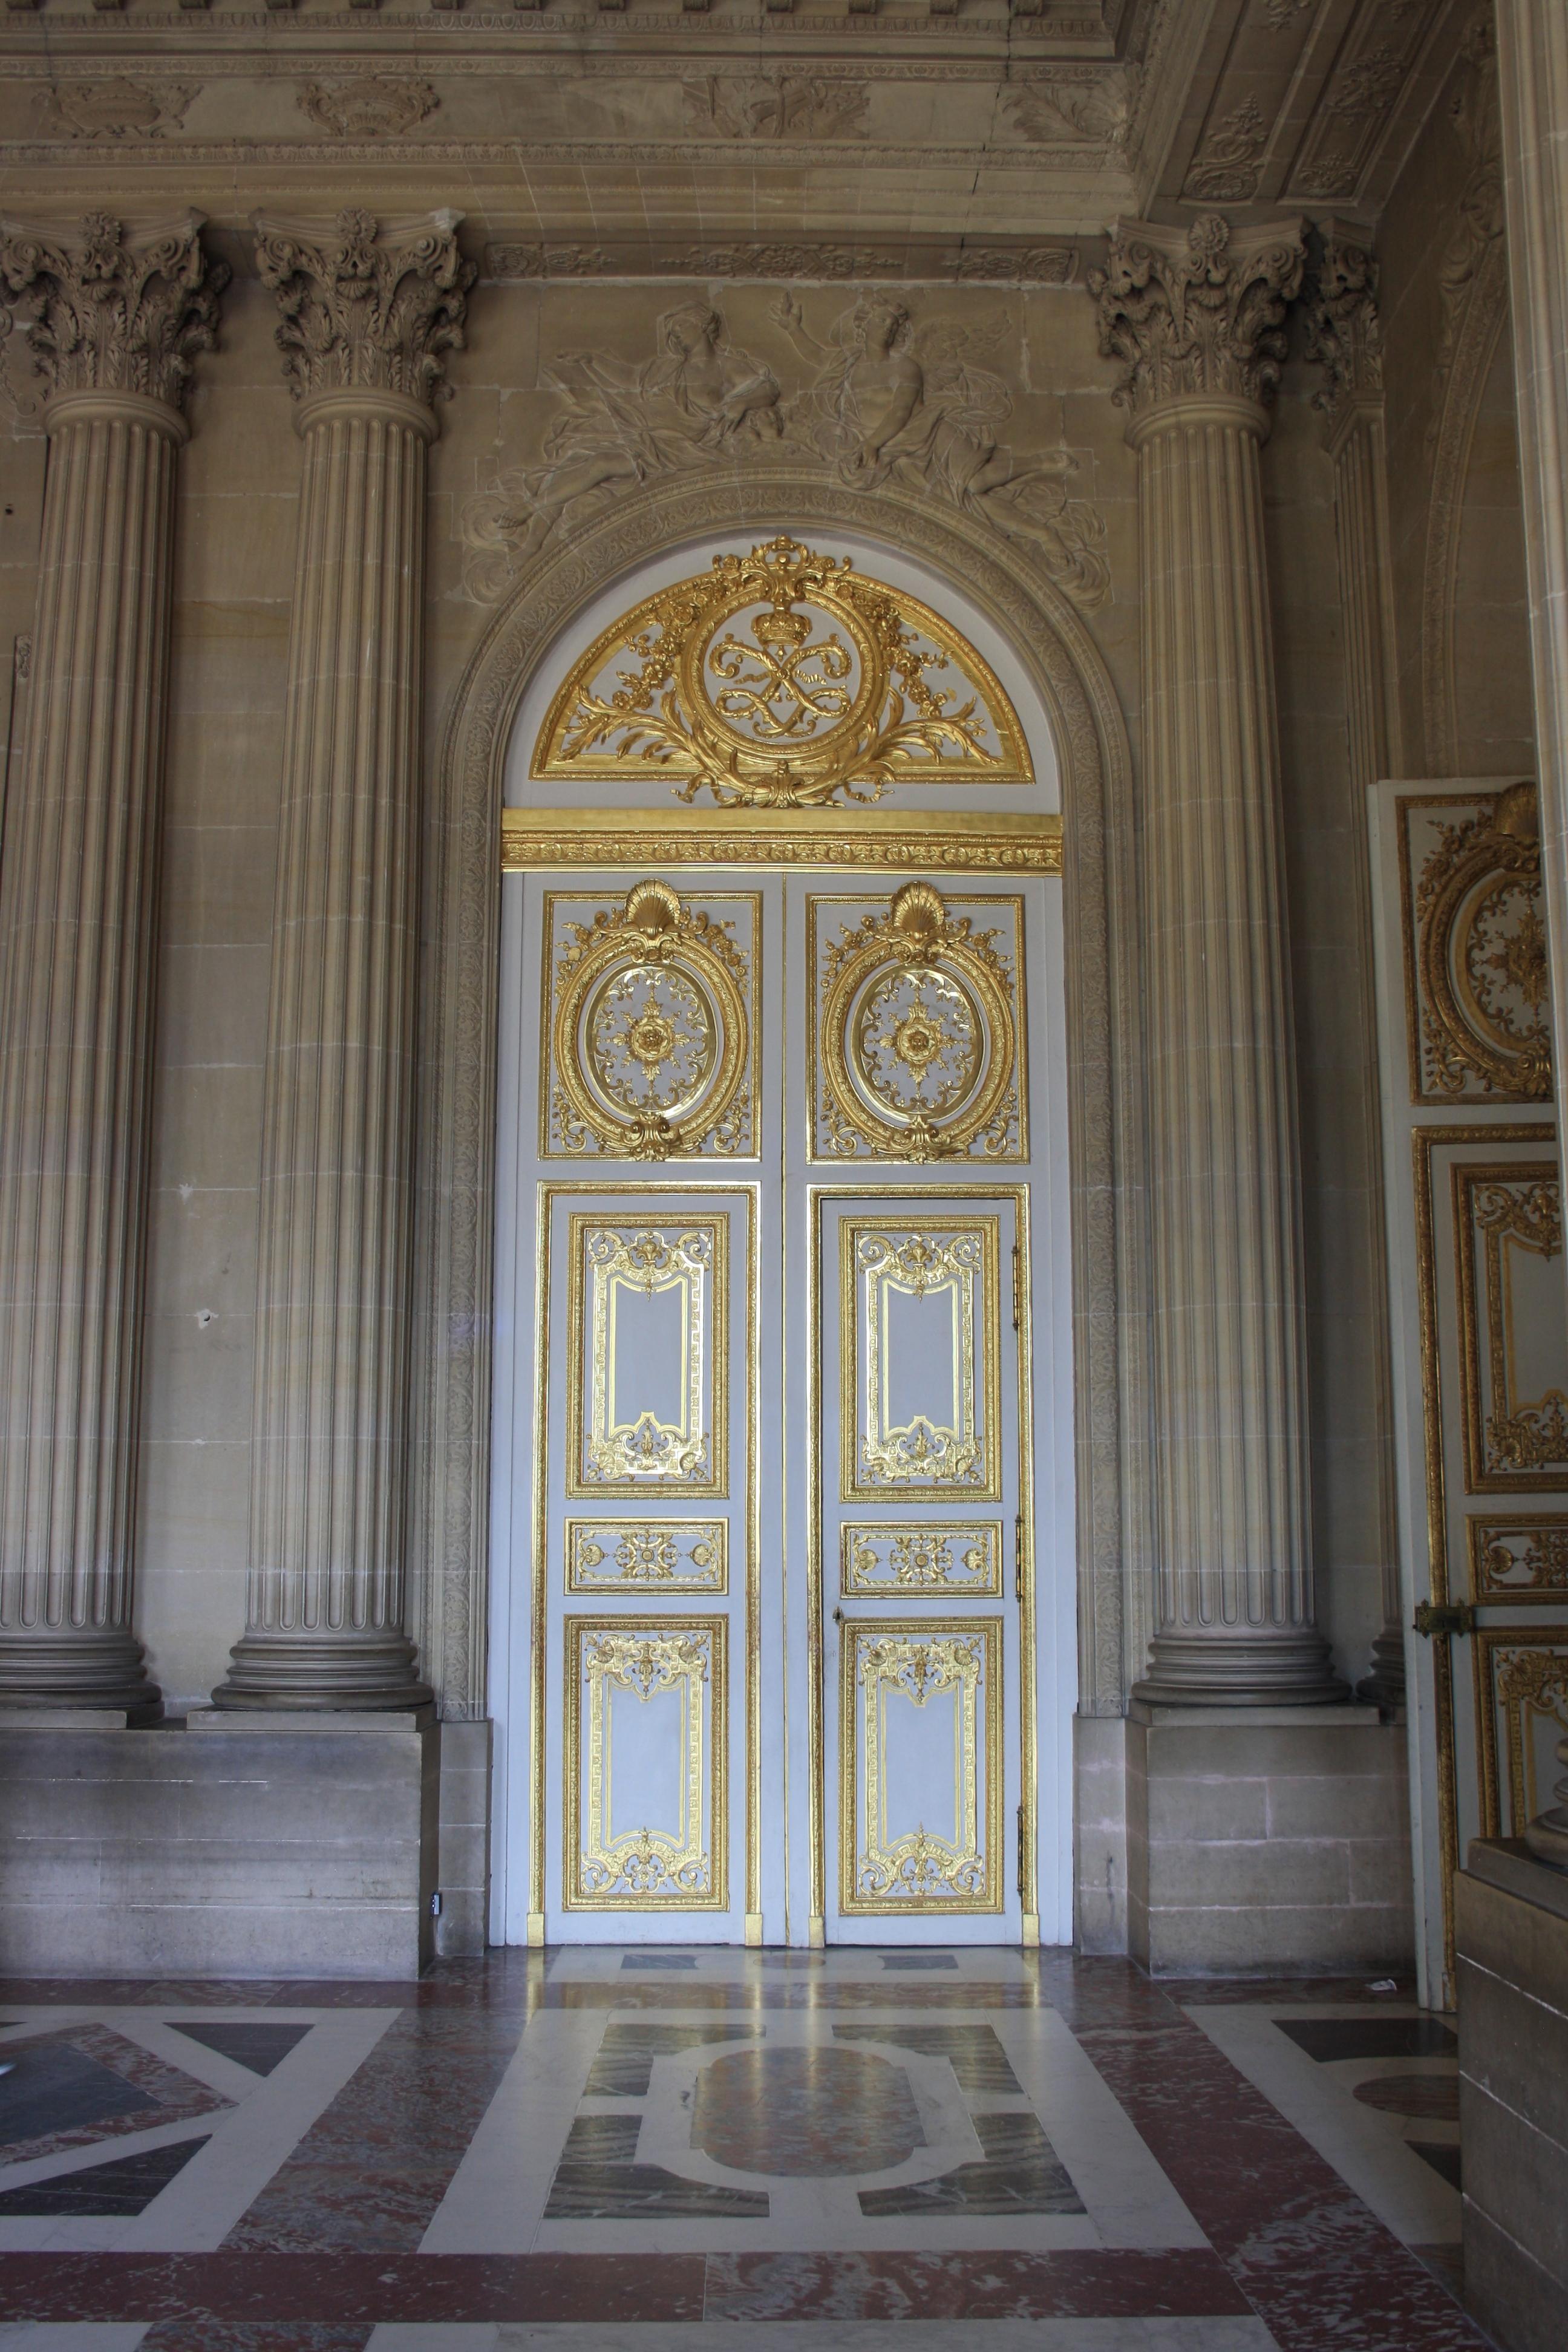 Versailles Doors \\\\\\\\\\\\\\\\\\\\\\\\\\\\\\\\\\\\\\\\\\\\\\\\\\\\\\\\\\\\\\\\u0026 SANDEMANs NEW Europe - Paris: LOVE These Doors! Chateau De Versailles & Versailles Doors \u0026 These Exquisite Doors With Decorative Details ... Pezcame.Com